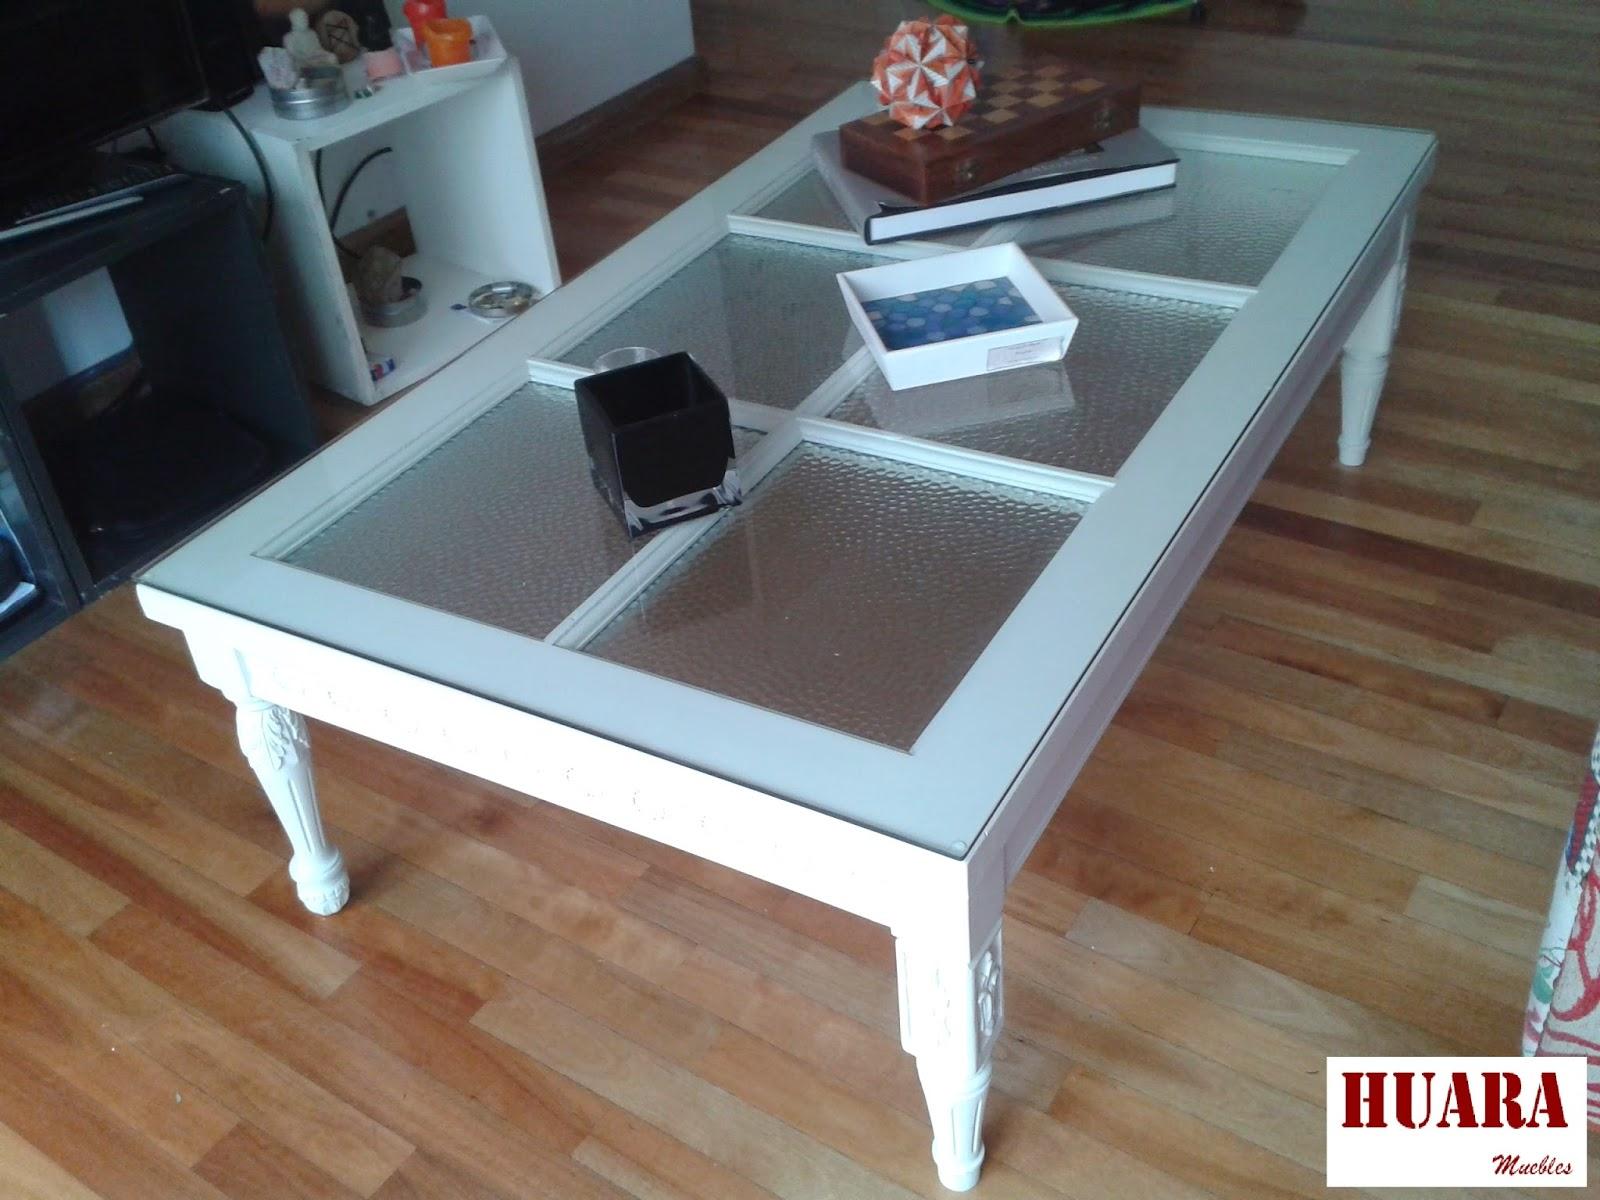 Huara muebles mesa ratona de madera reciclada for Como reciclar una mesa de televisor antigua